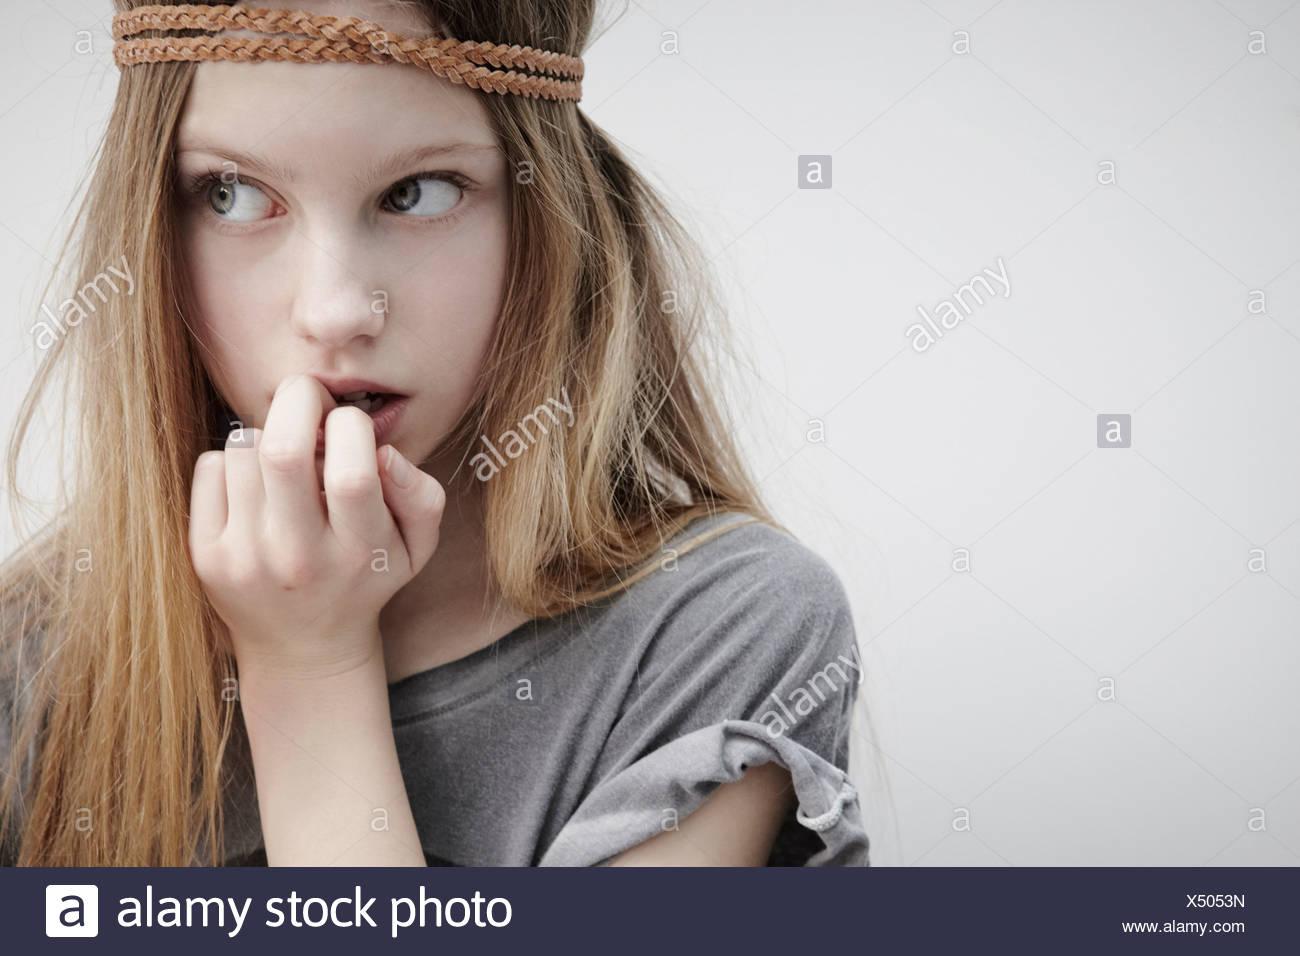 Ritratto di una ragazza che indossa la treccia in pelle attorno alla testa, tenendo giù, il dito in bocca Immagini Stock